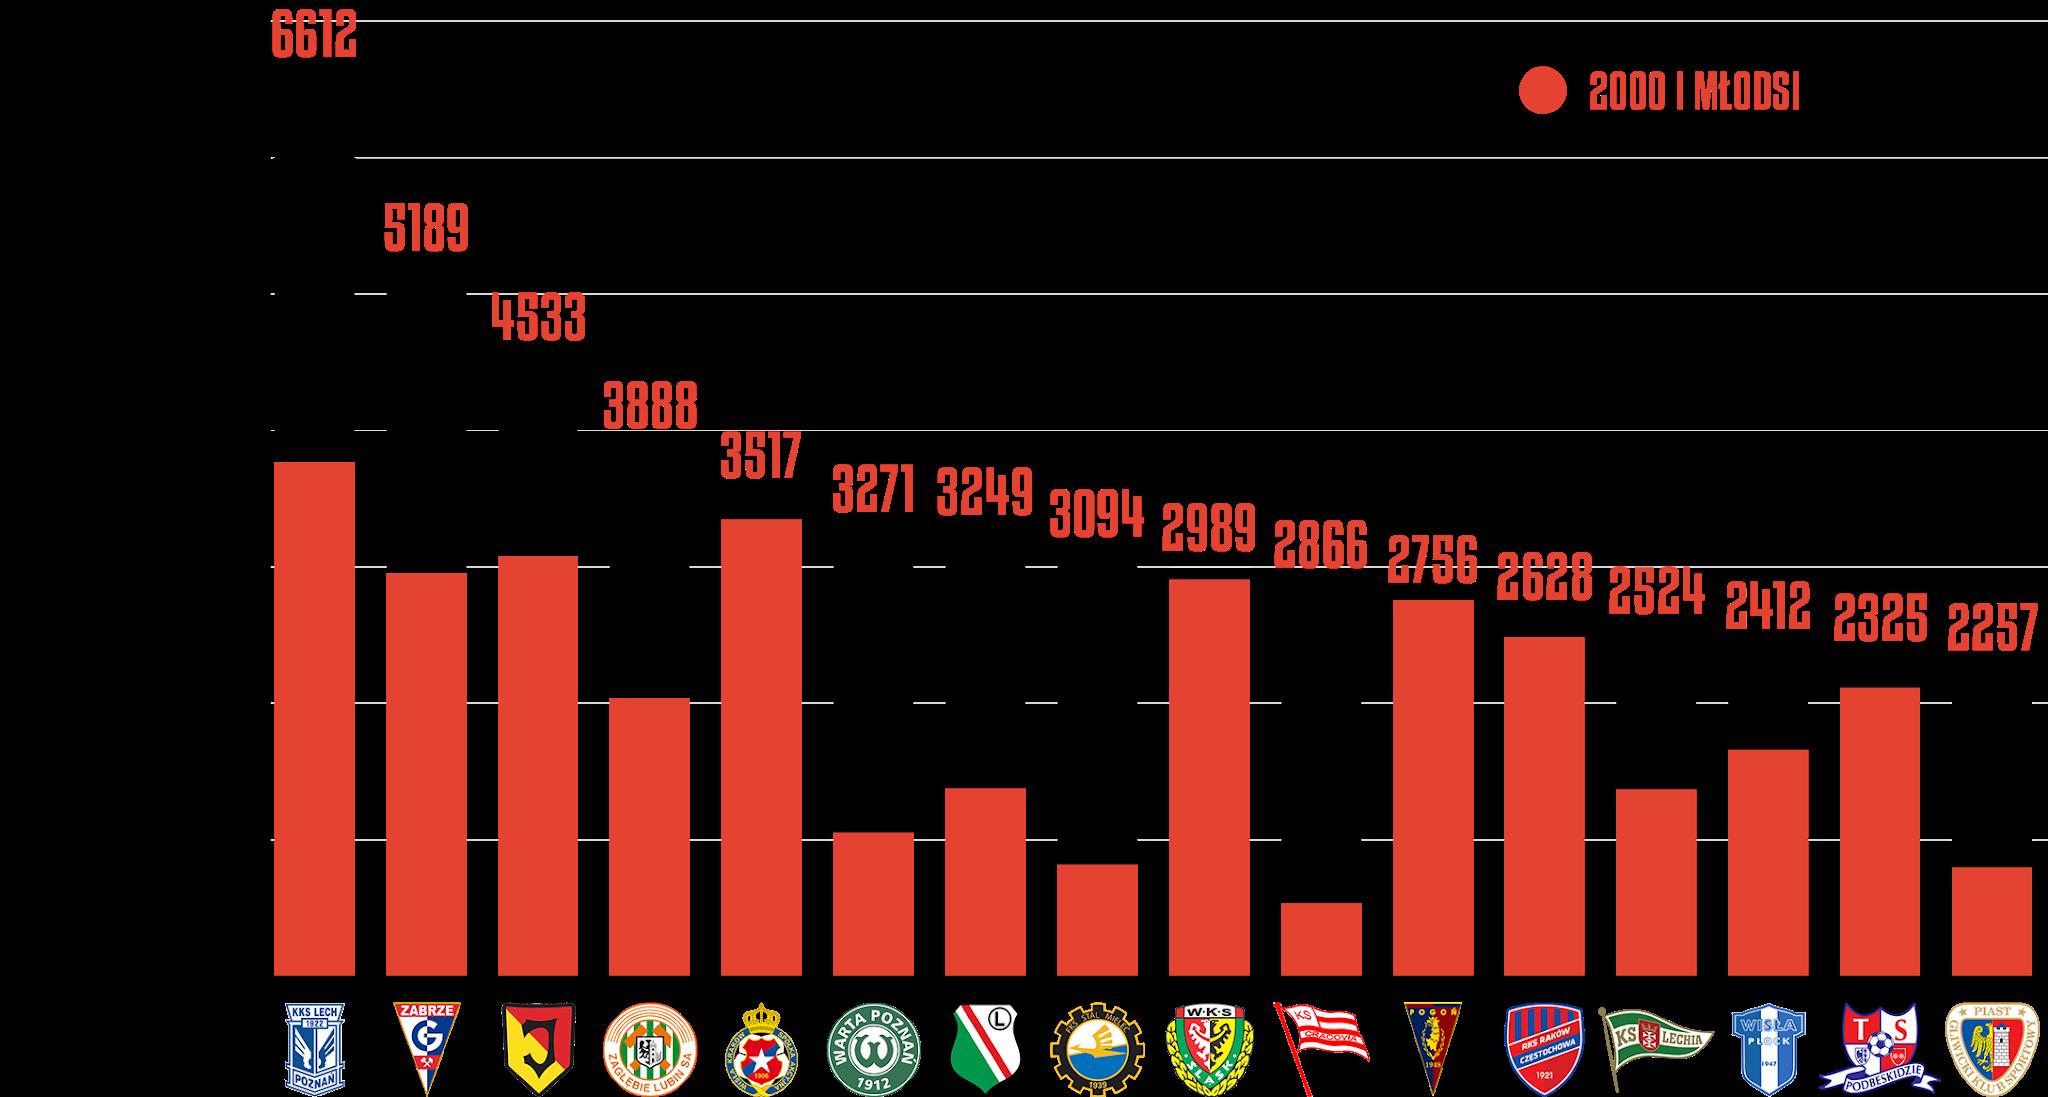 Klasyfikacja klubów pod względem rozegranego czasu przez młodzieżowców po25kolejkach PKO Ekstraklasy<br><br>Źródło: Opracowanie własne na podstawie ekstrastats.pl<br><br>graf. Bartosz Urban